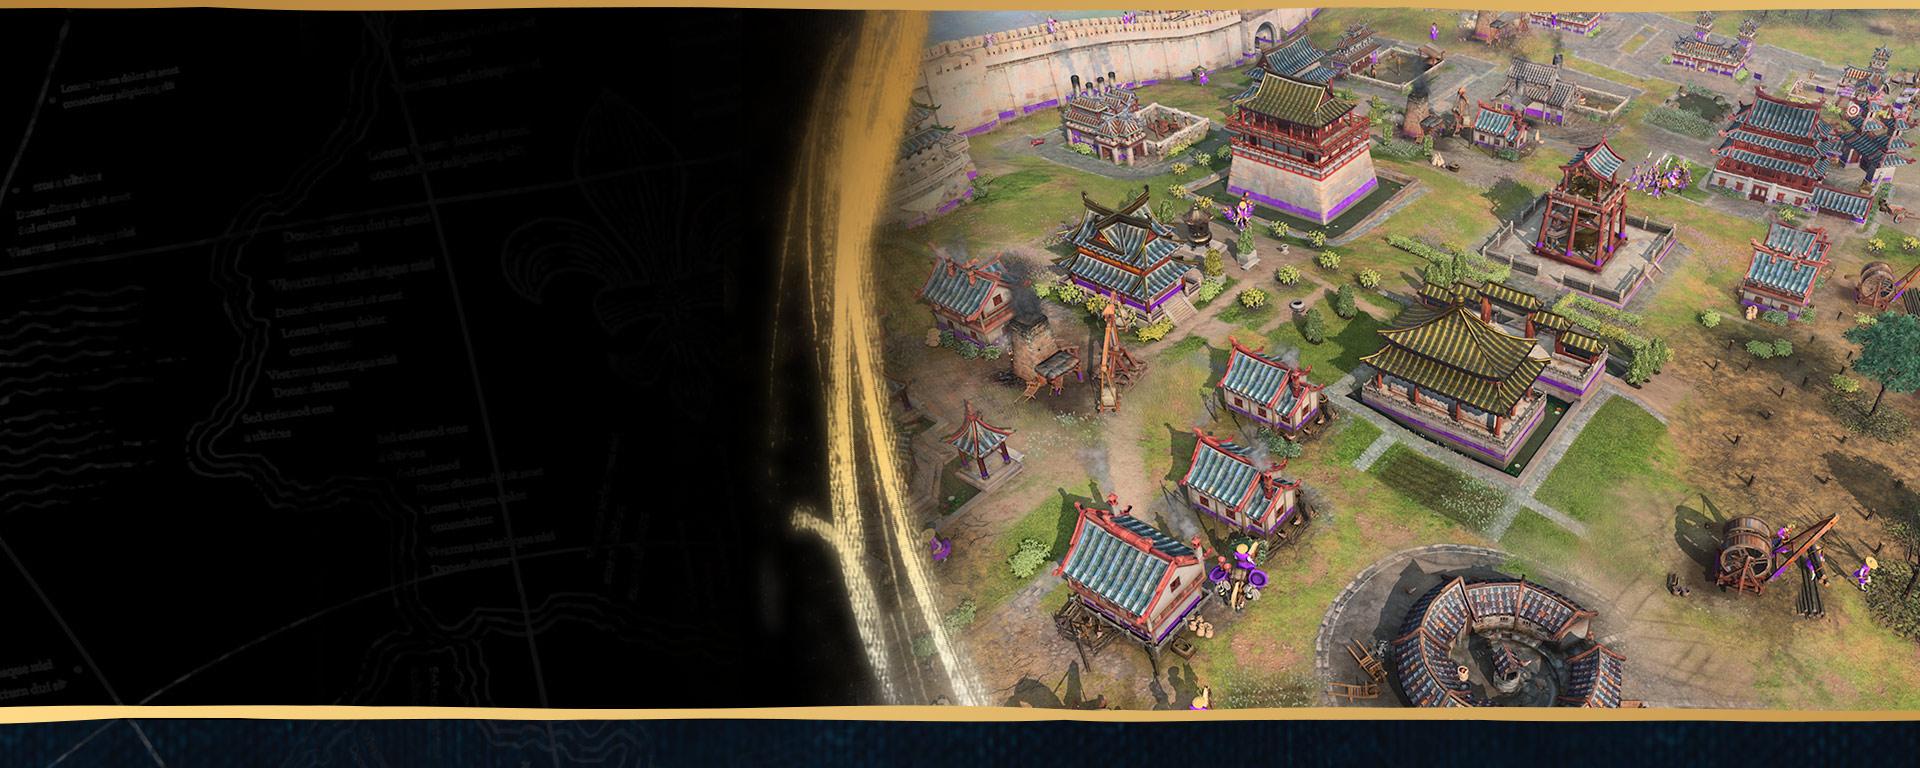 Bygg byer, administrer ressurser, og før troppene dine til kamp på land og til sjøs i fire forskjellige kampanjer med 35 oppdrag som spenner over 500 års historie fra mørketiden og opp til renessansen.